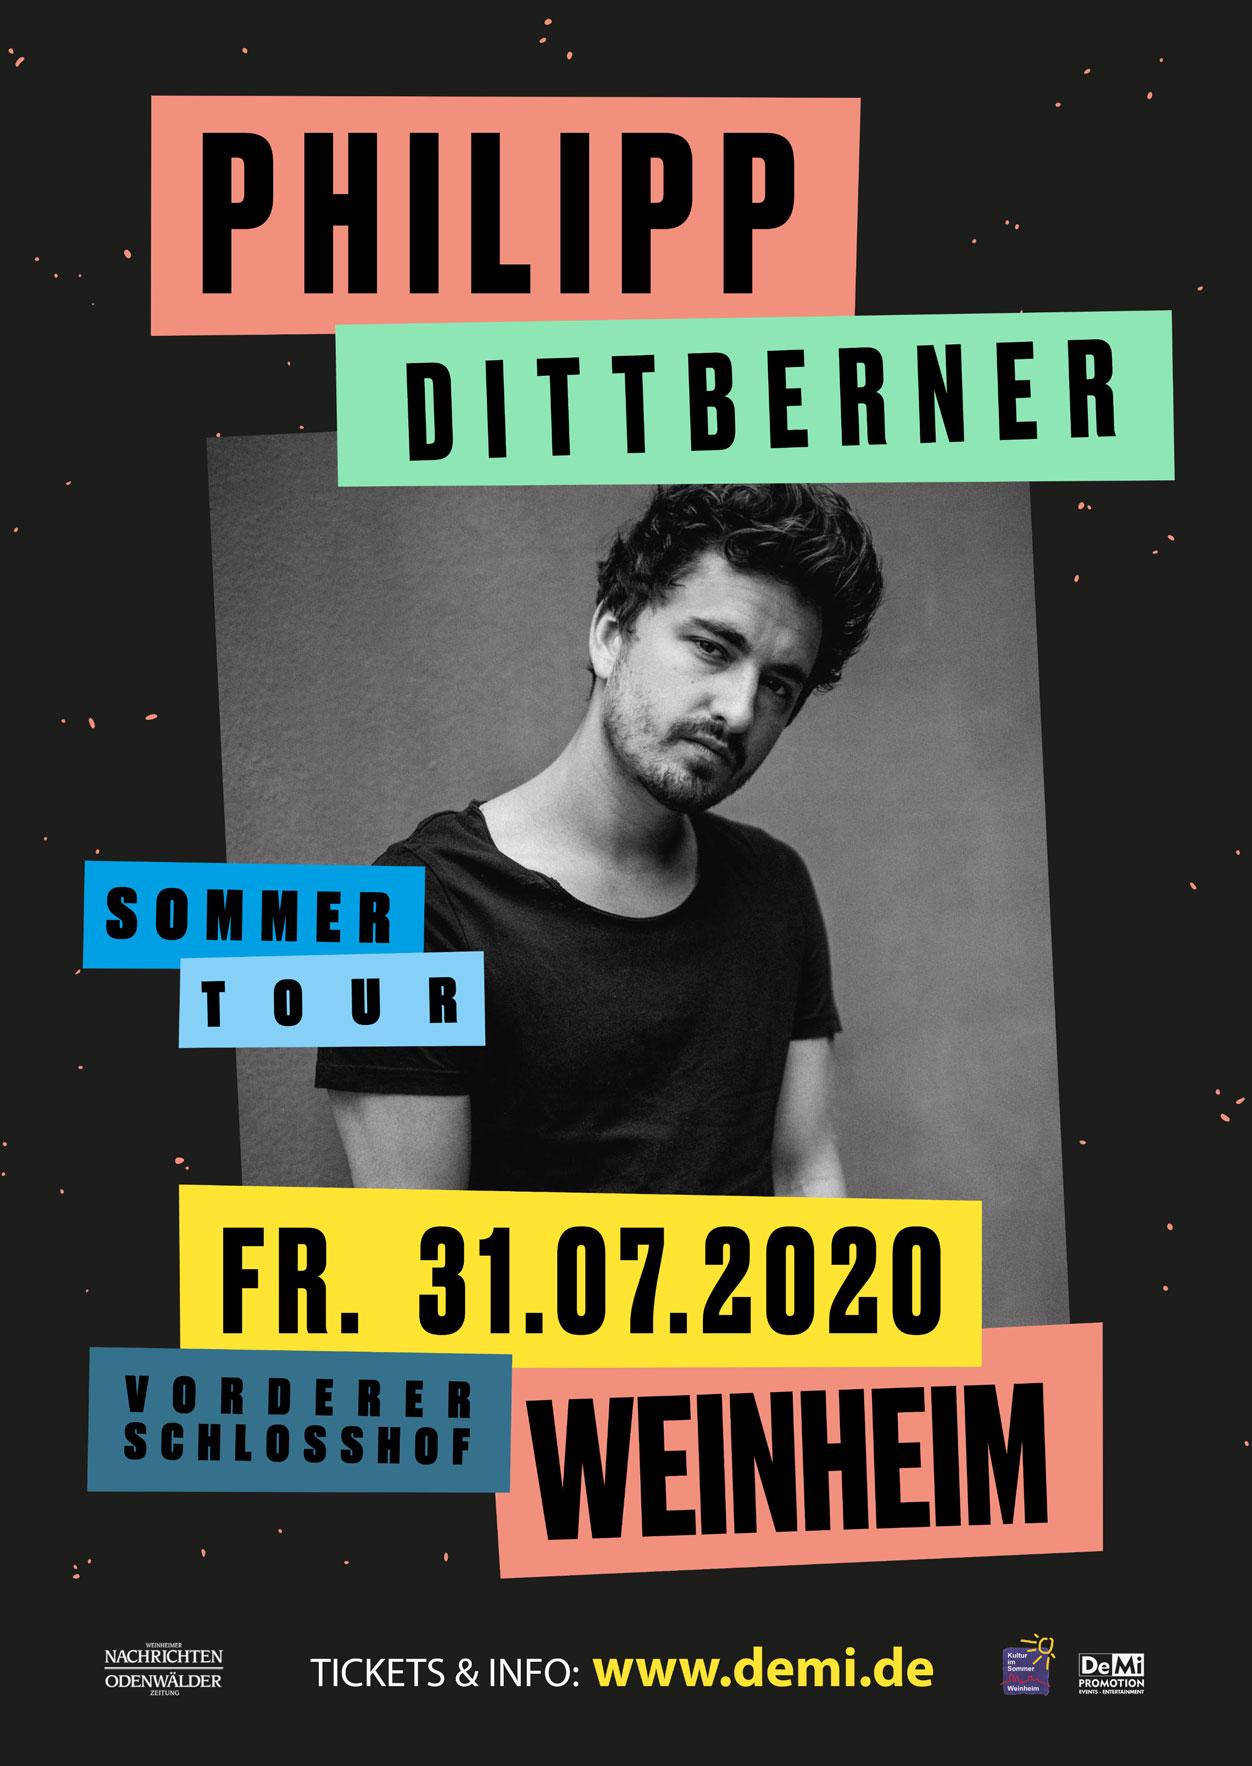 Philipp Dittberner Weinheim